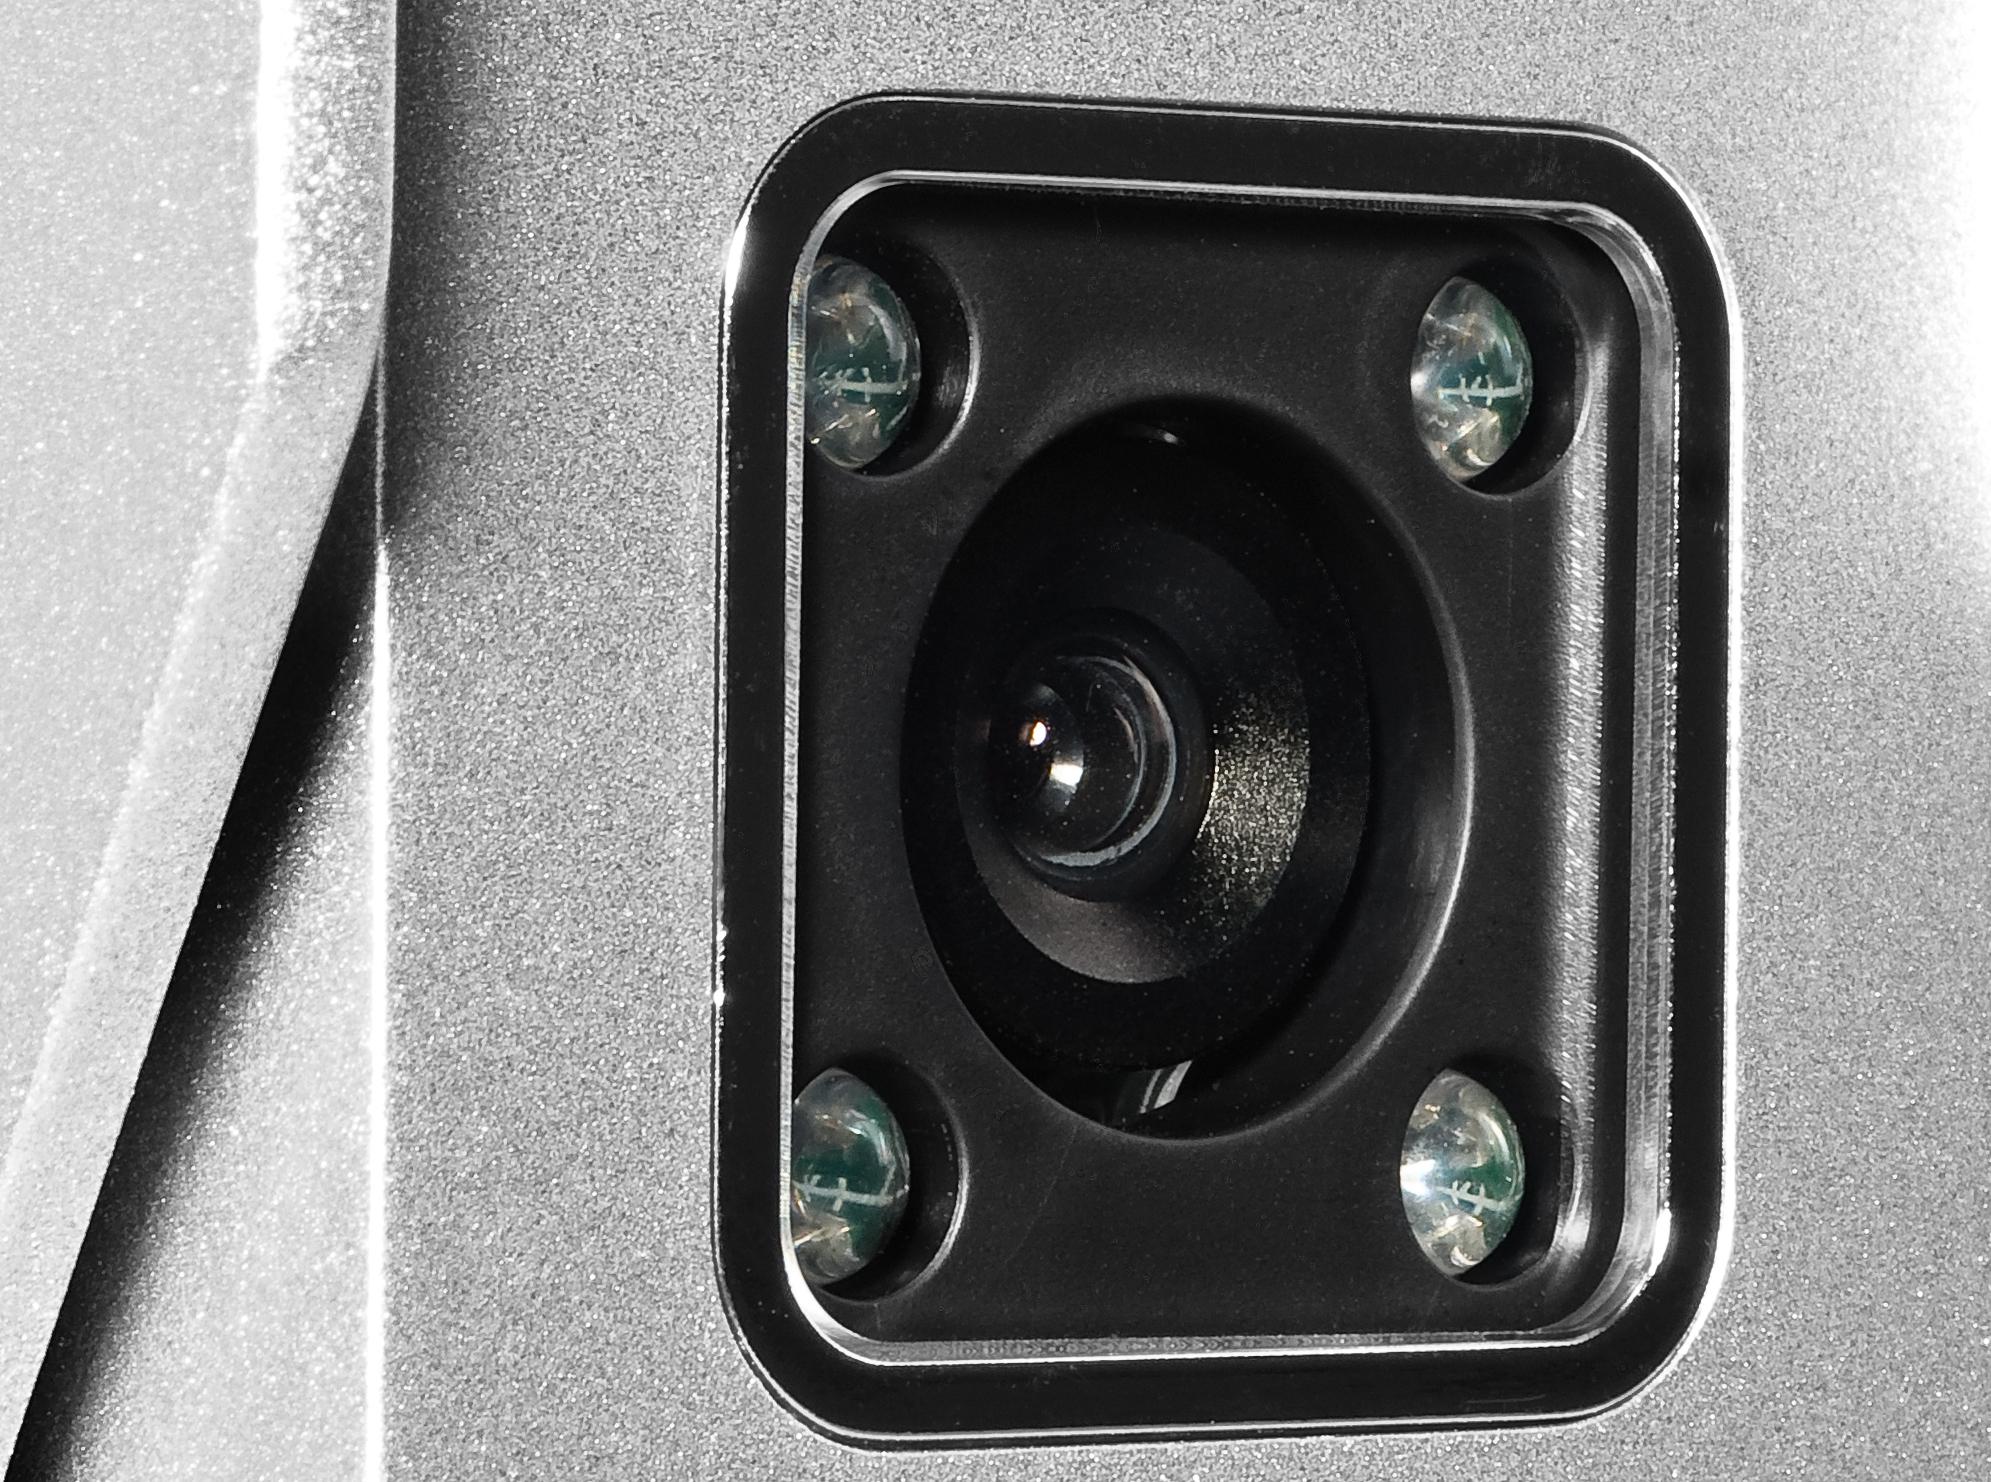 S6 - Wbudowana kamera w stacji bramowej.